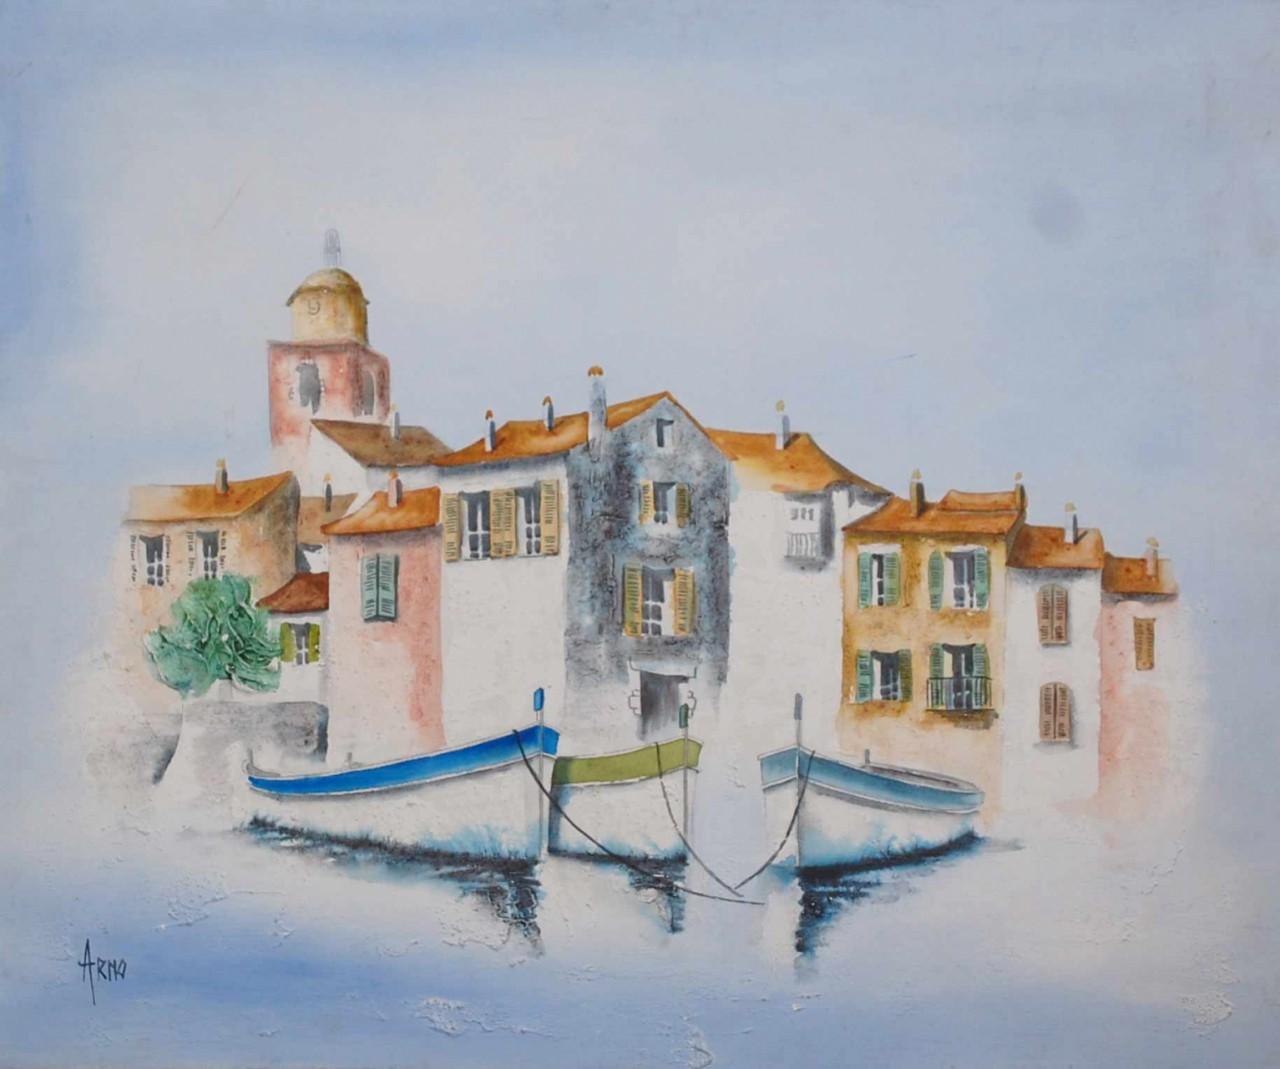 Arno ile devancée par des bateaux